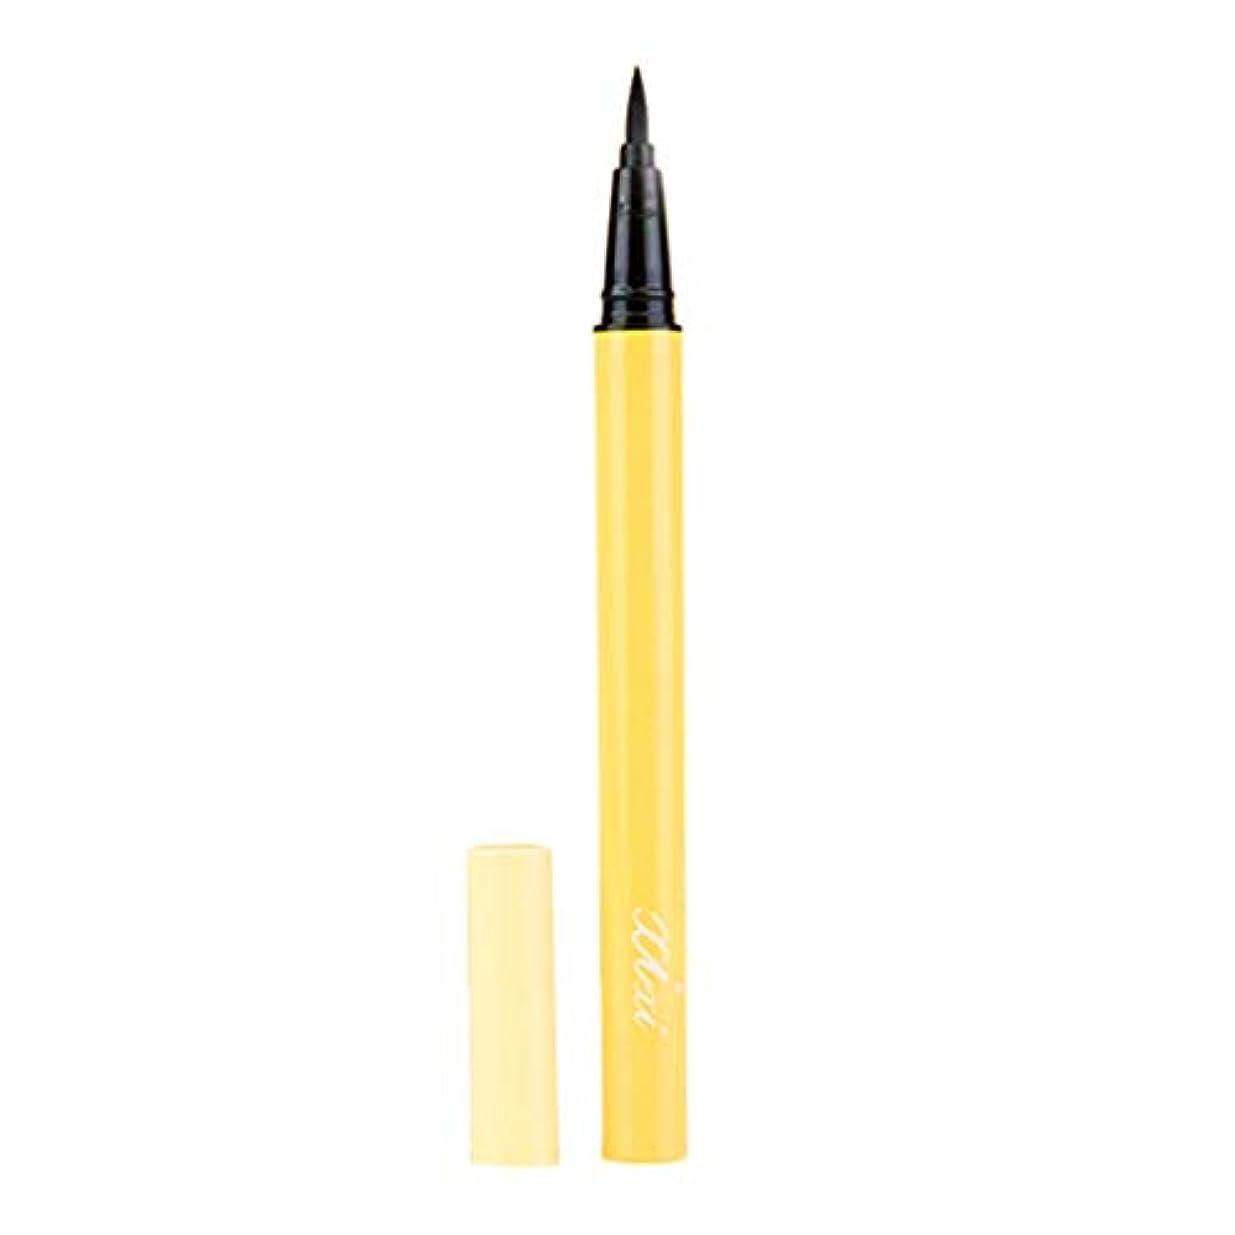 スティーブンソン効果的にせがむ防水美容化粧品アイライナーペンシルブラックリキッドアイライナーペン